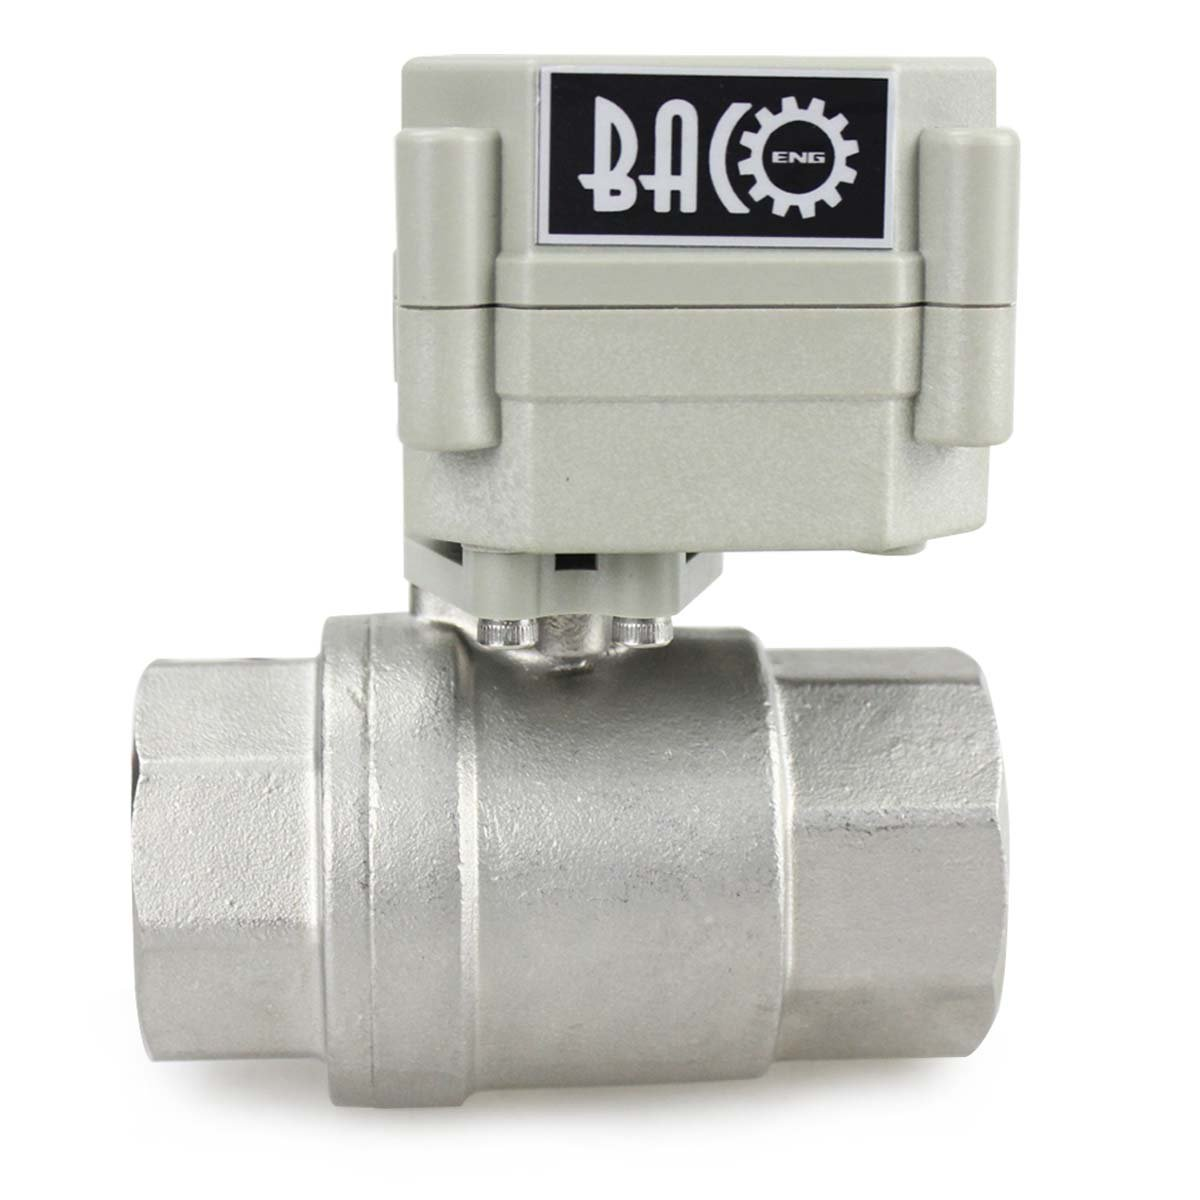 BACOENG Vanne 2 voies motoris/ée 1//2 DN15 Acier Inoxydable AC110//230V CR202 avec prise normalement ferm/ée